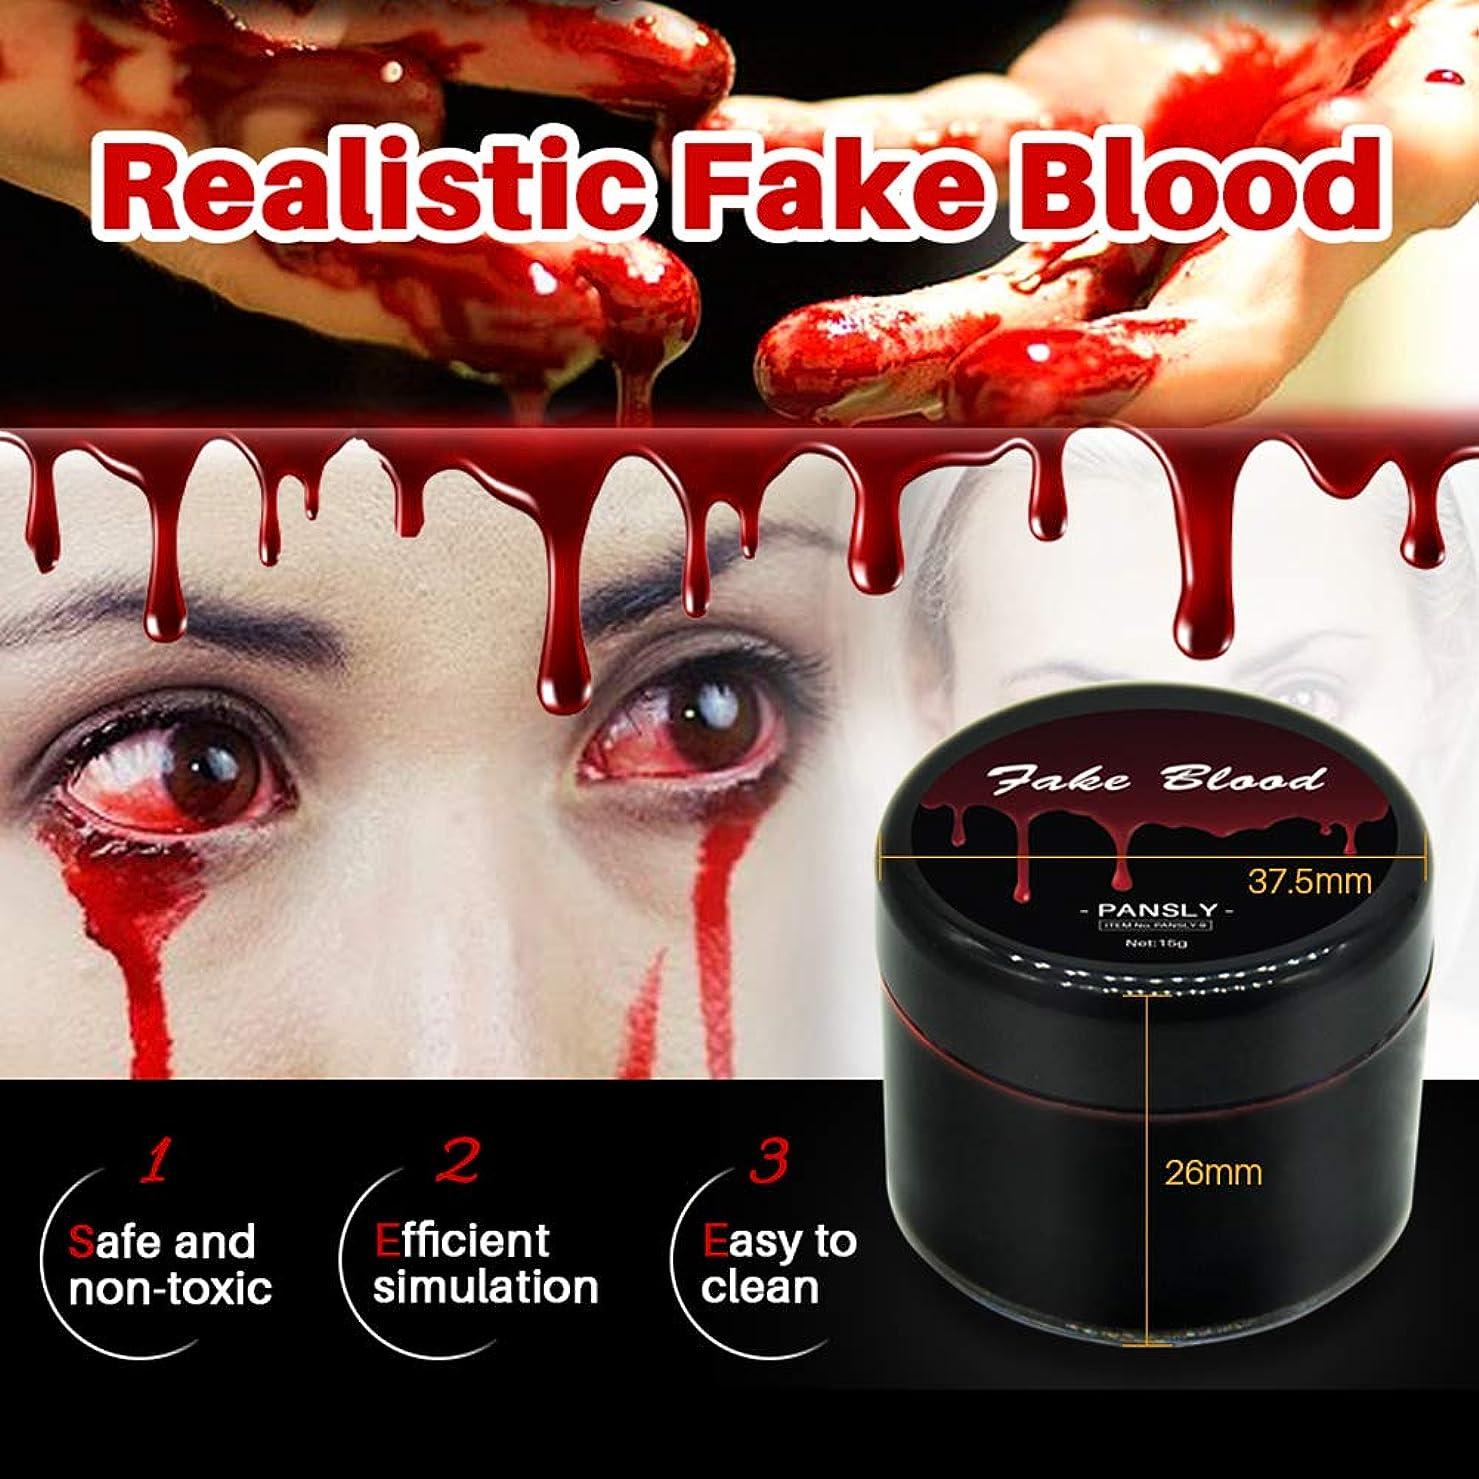 冷蔵するクラック頻繁に15ミリリットル現実的な偽吸血鬼血ハロウィーンパーティーコスプレ化粧トリックジョーク玩具